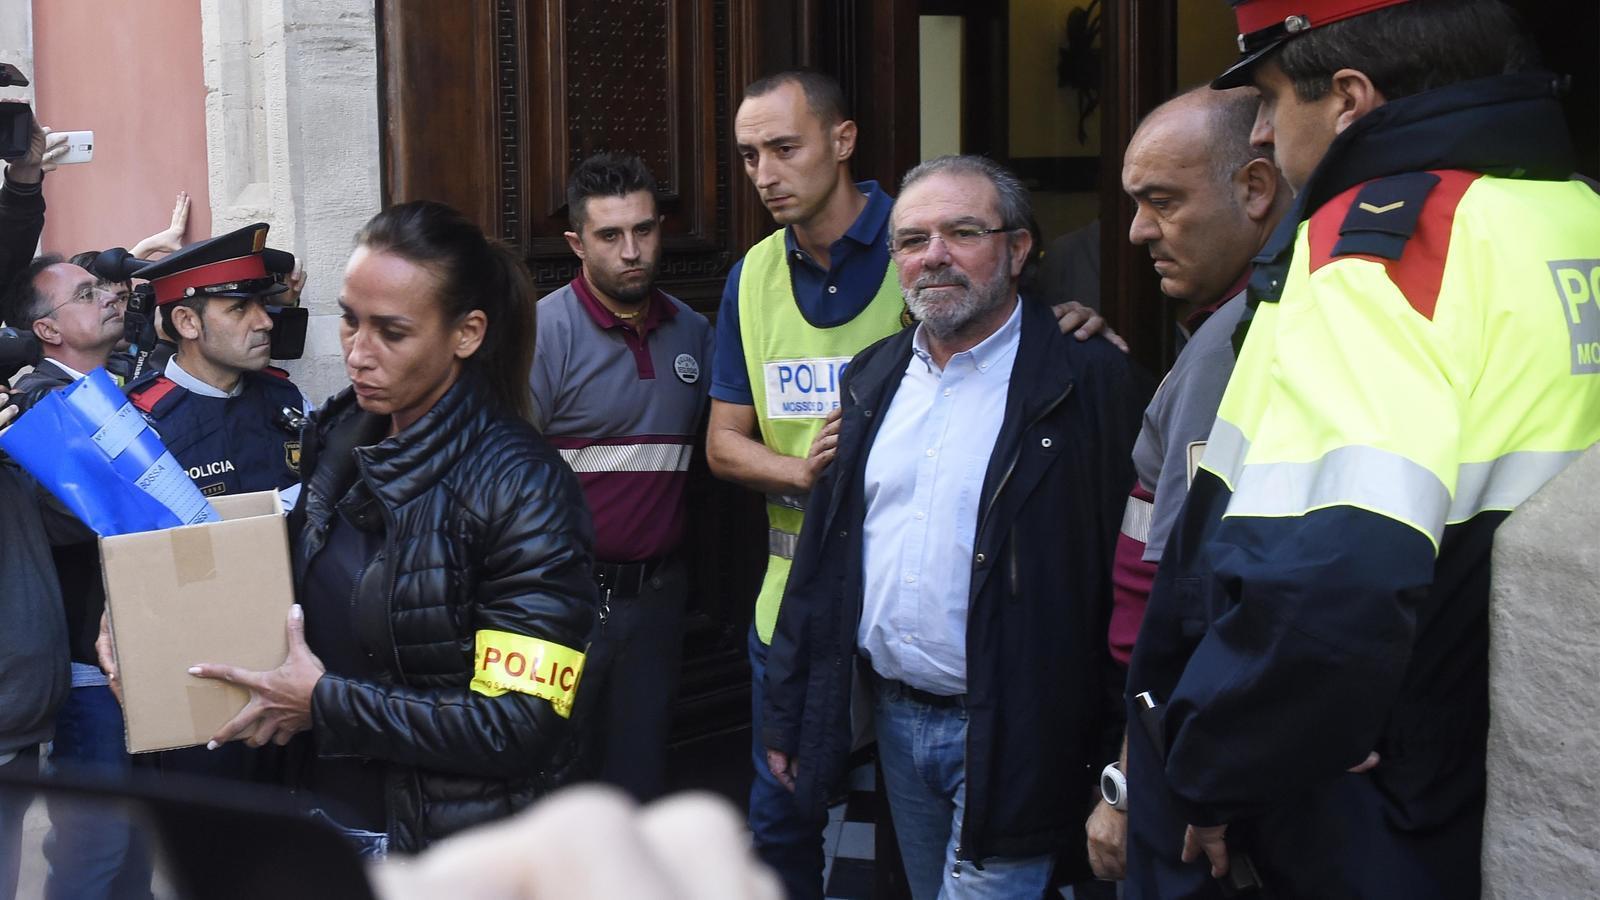 Joan Reñé sortint del Palau de la Diputació de Lleida acompanyat d'agents de la policia